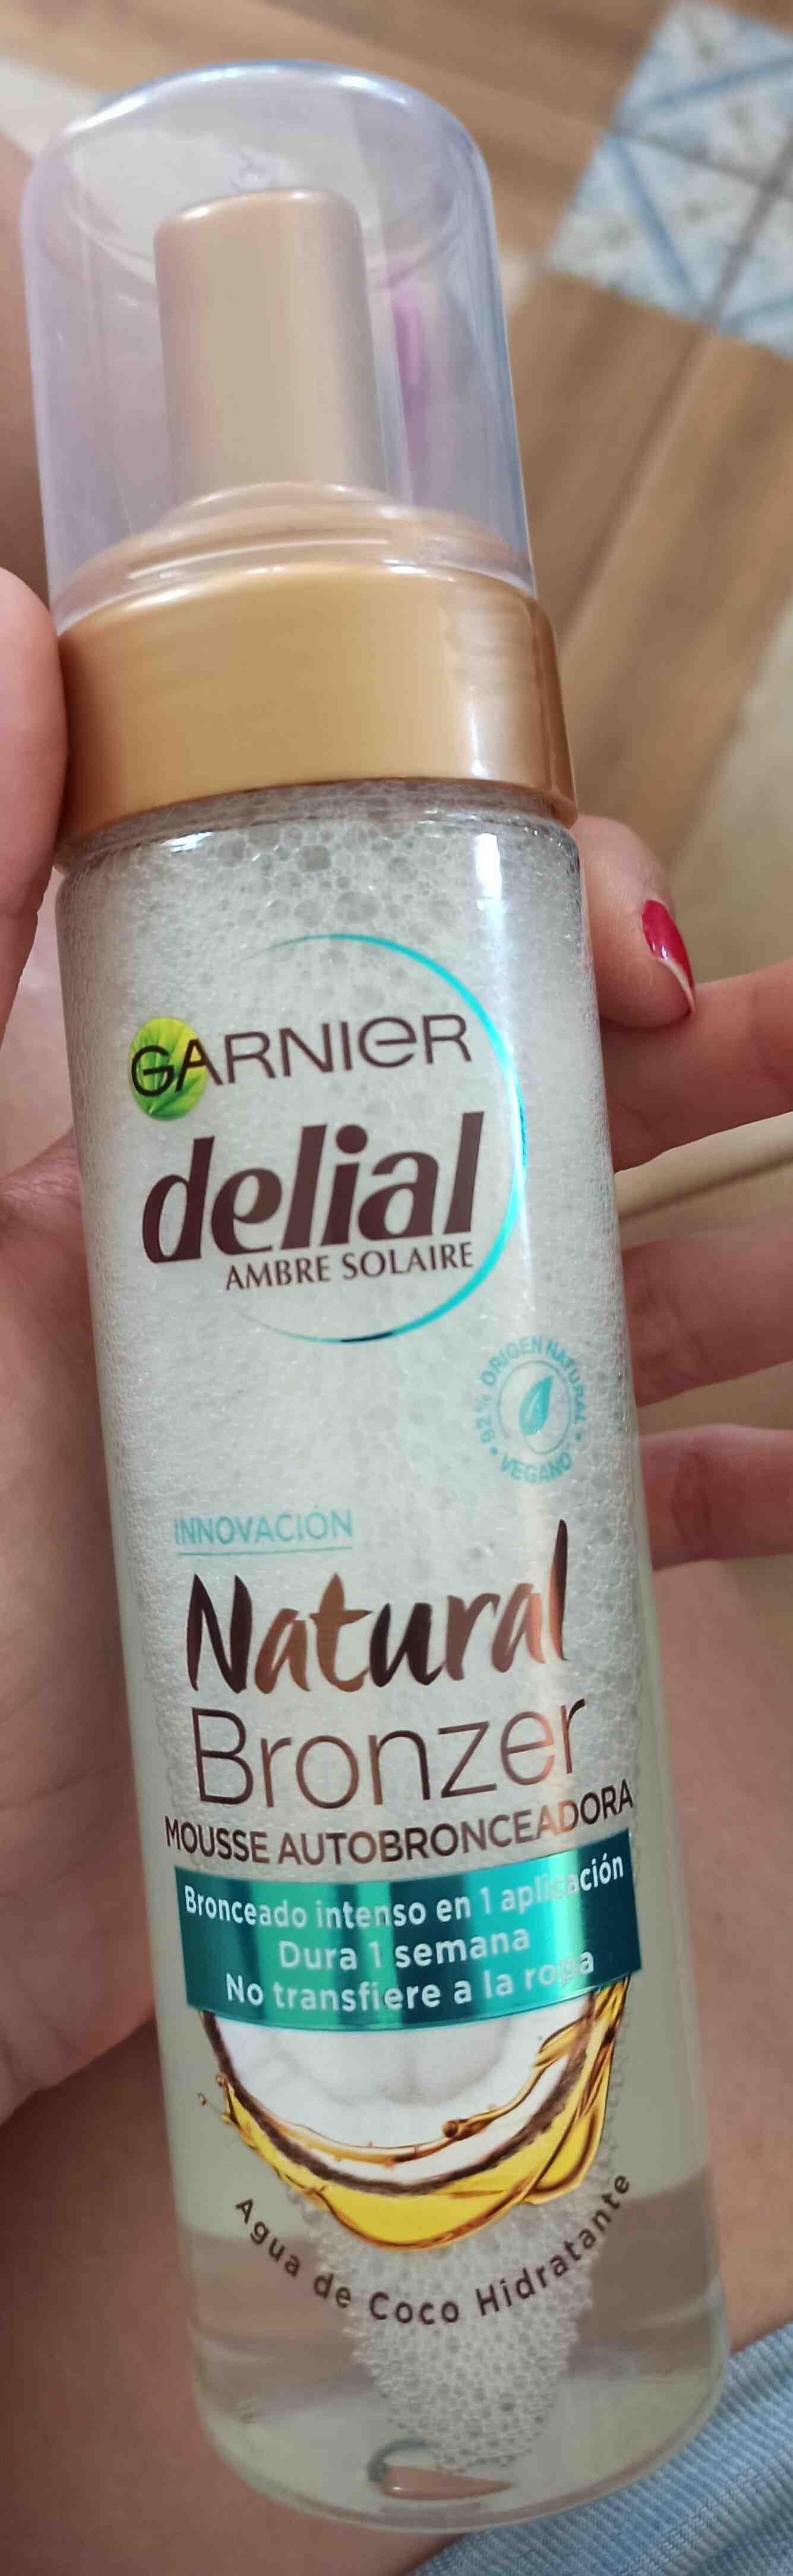 Delial natural bronzer - Produit - en